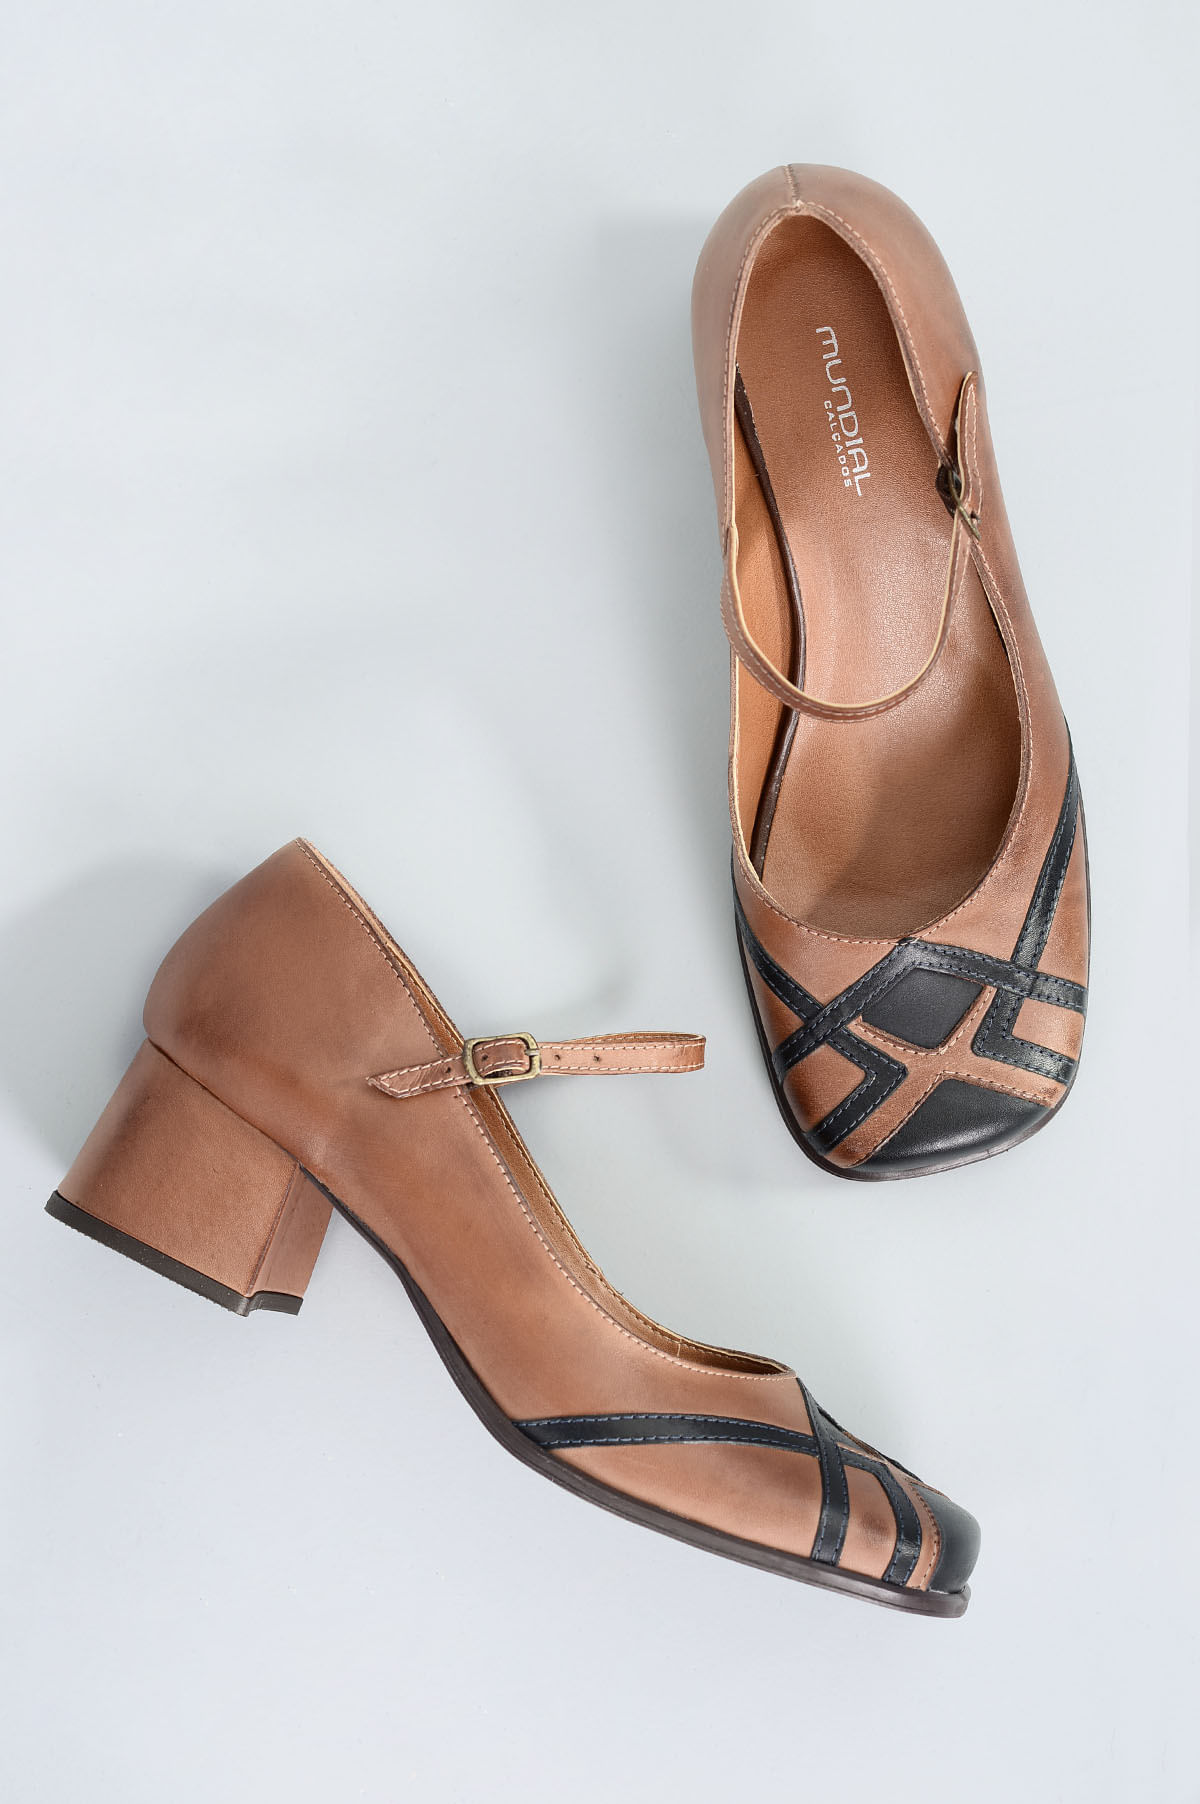 c71e22c28 Sapato Feminino Salto Médio Besty Mundial MARROM - Mundial Calçados